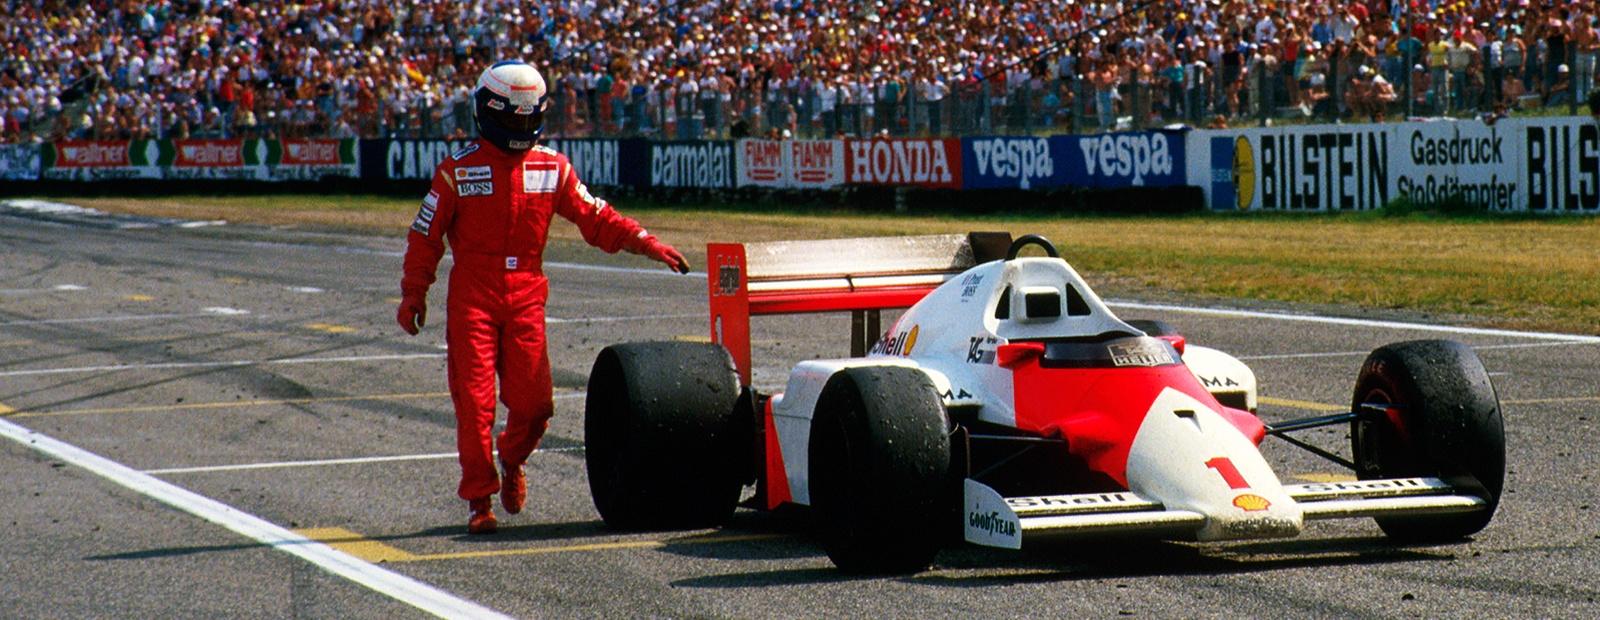 Mclaren Formula 1 Nine Reasons To Be An Alain Prost Fan